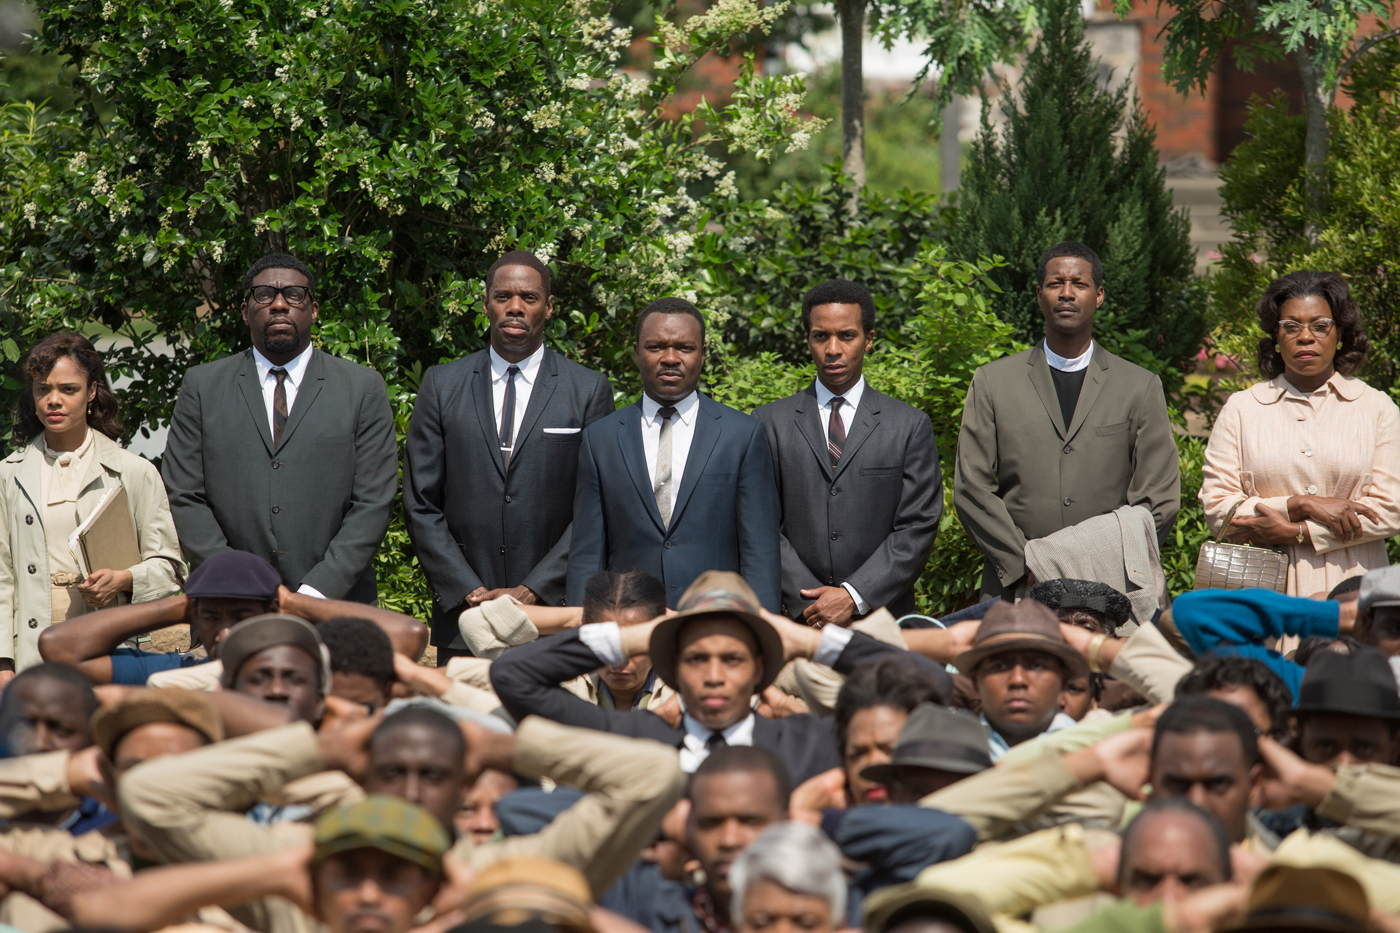 A still from Ava DuVernay's film <i>Selma</i>